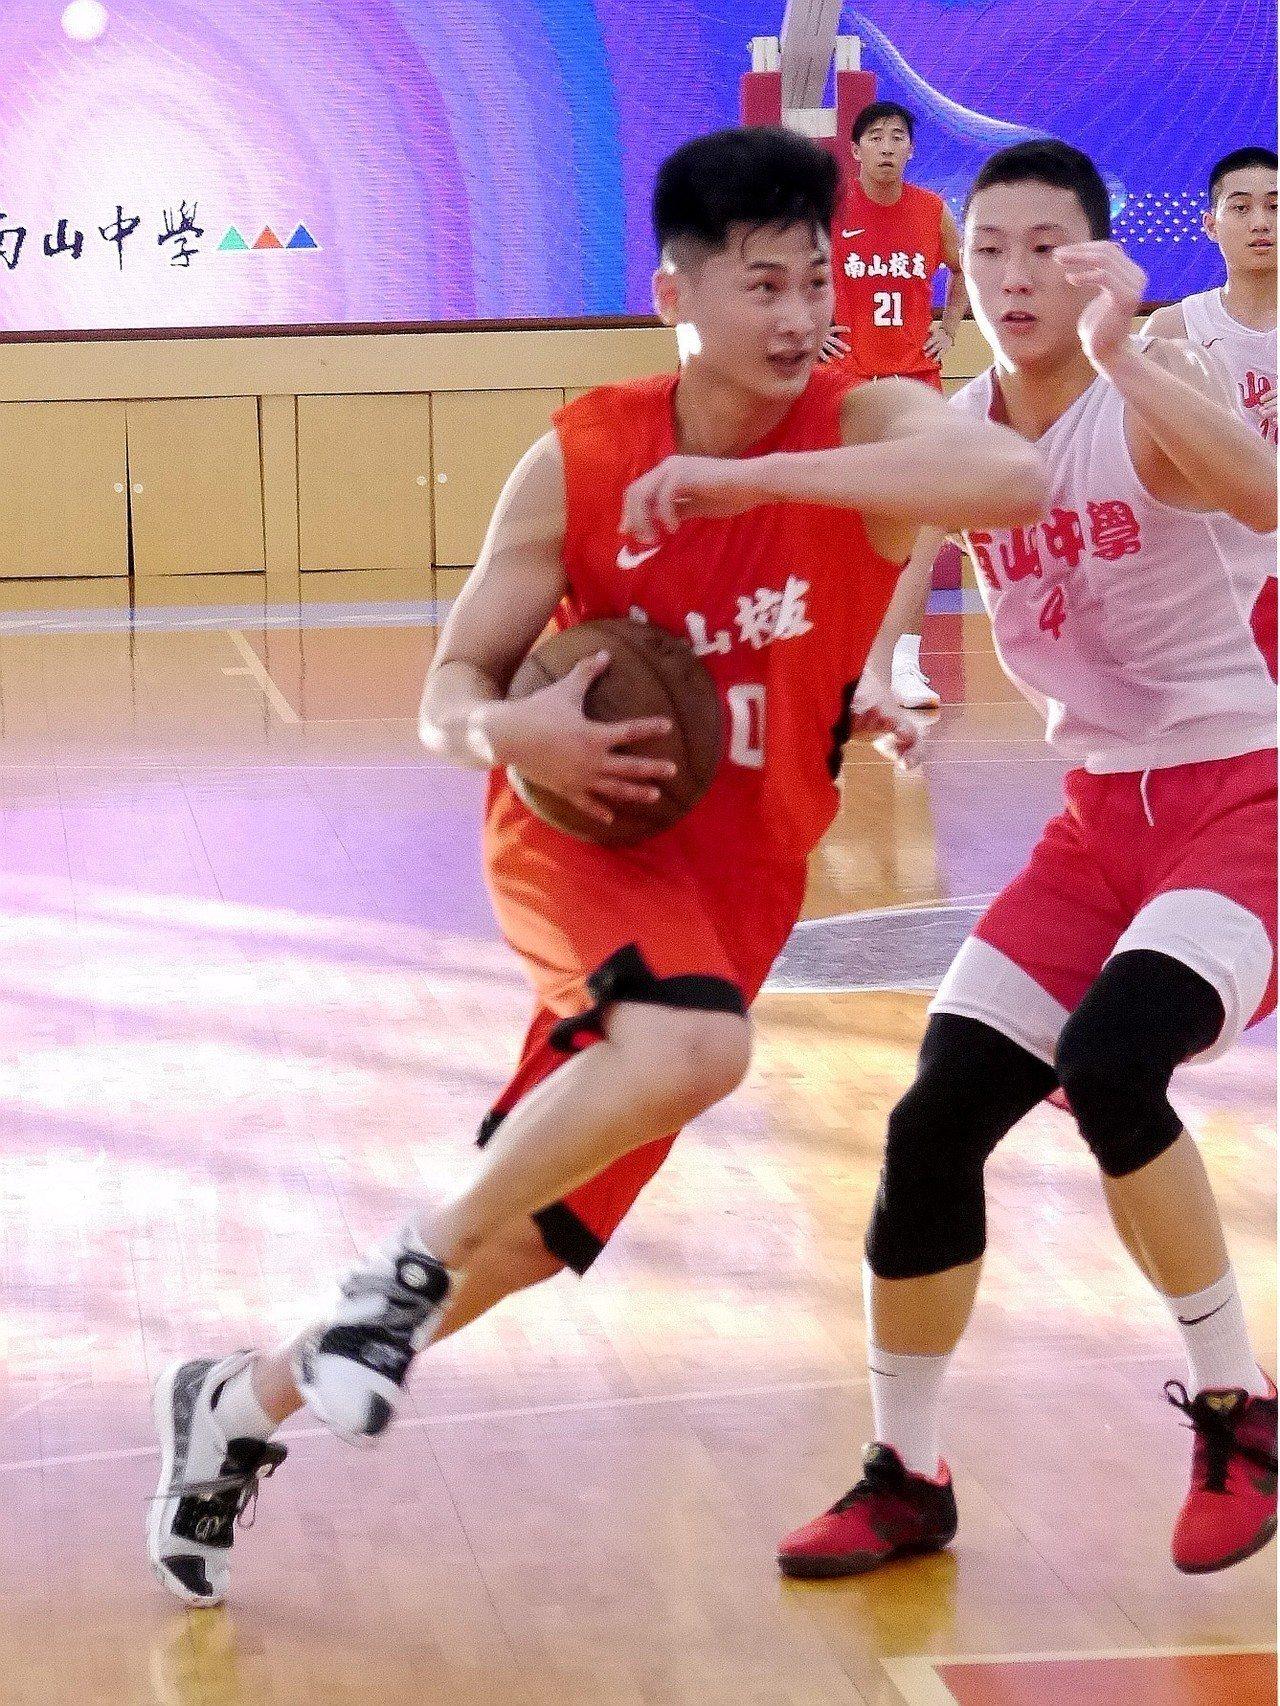 彭俊諺代表南山校友隊出賽。記者劉肇育/攝影